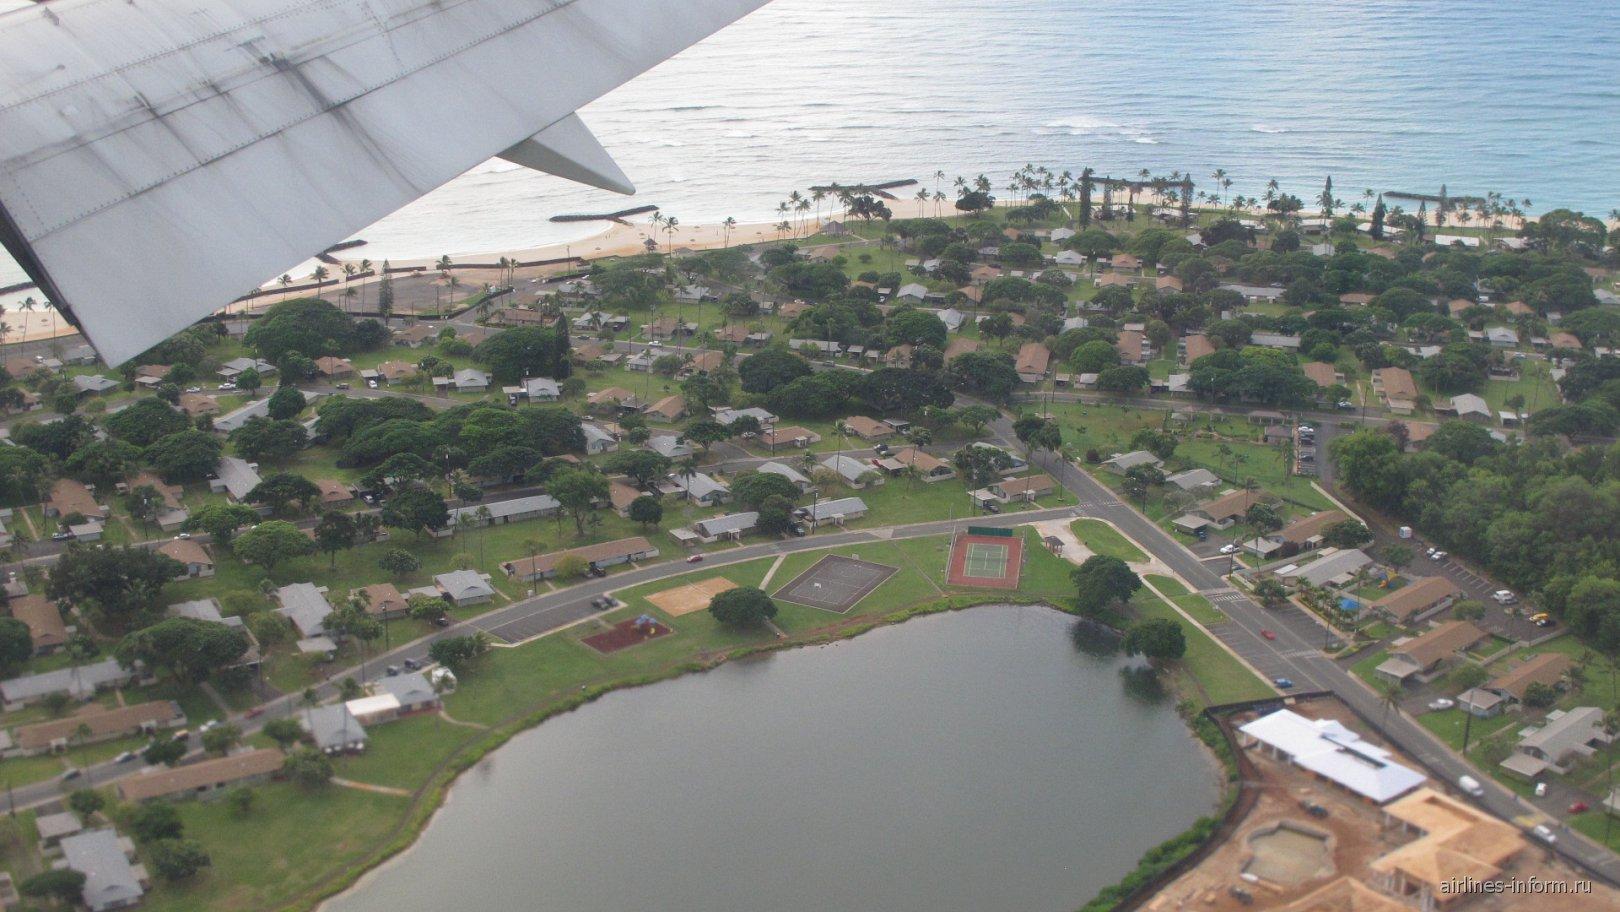 Жилой район в Гонолулу рядом с аэропортом